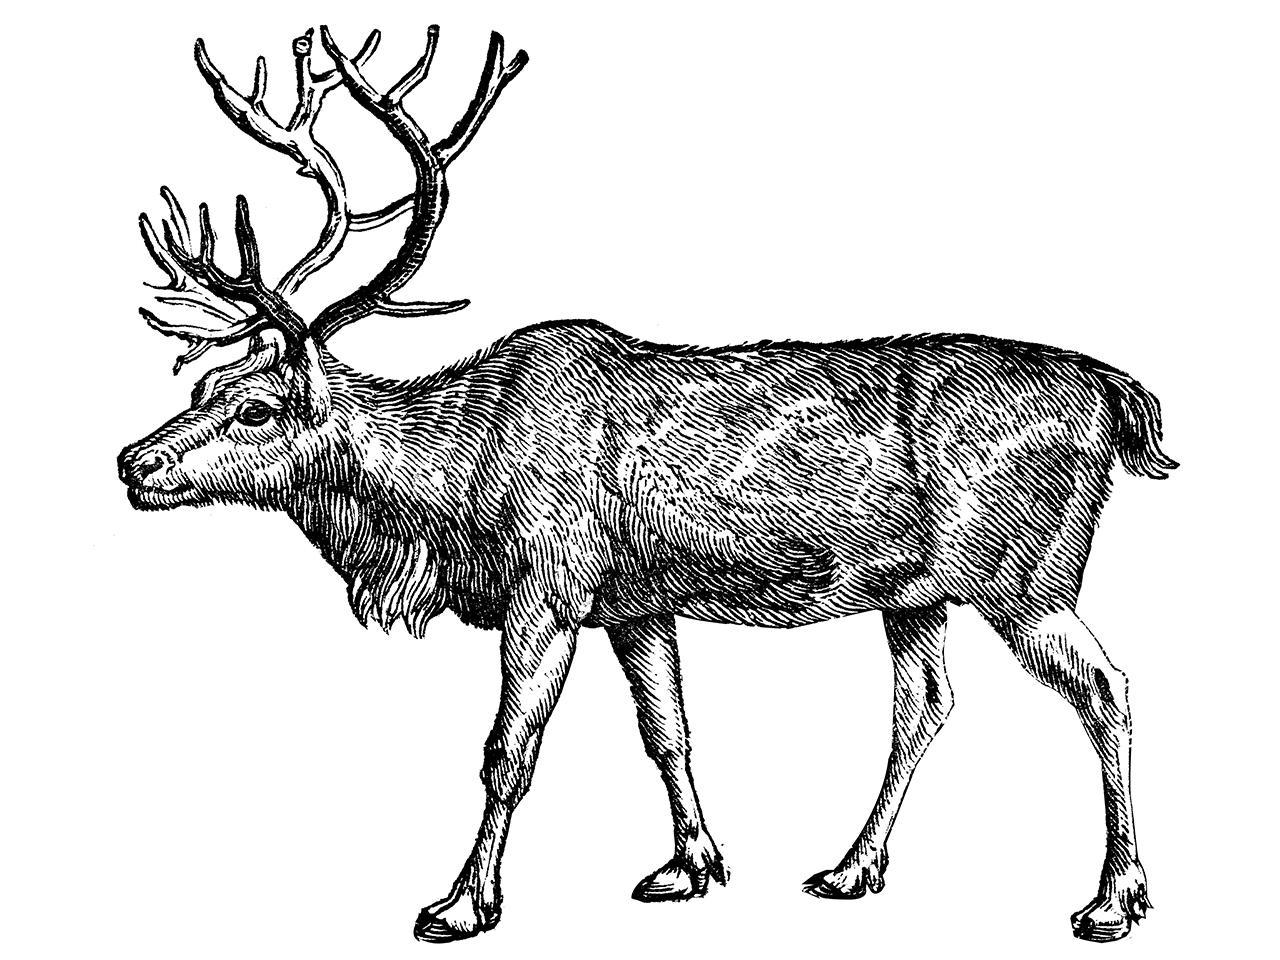 illustration of a reindeer